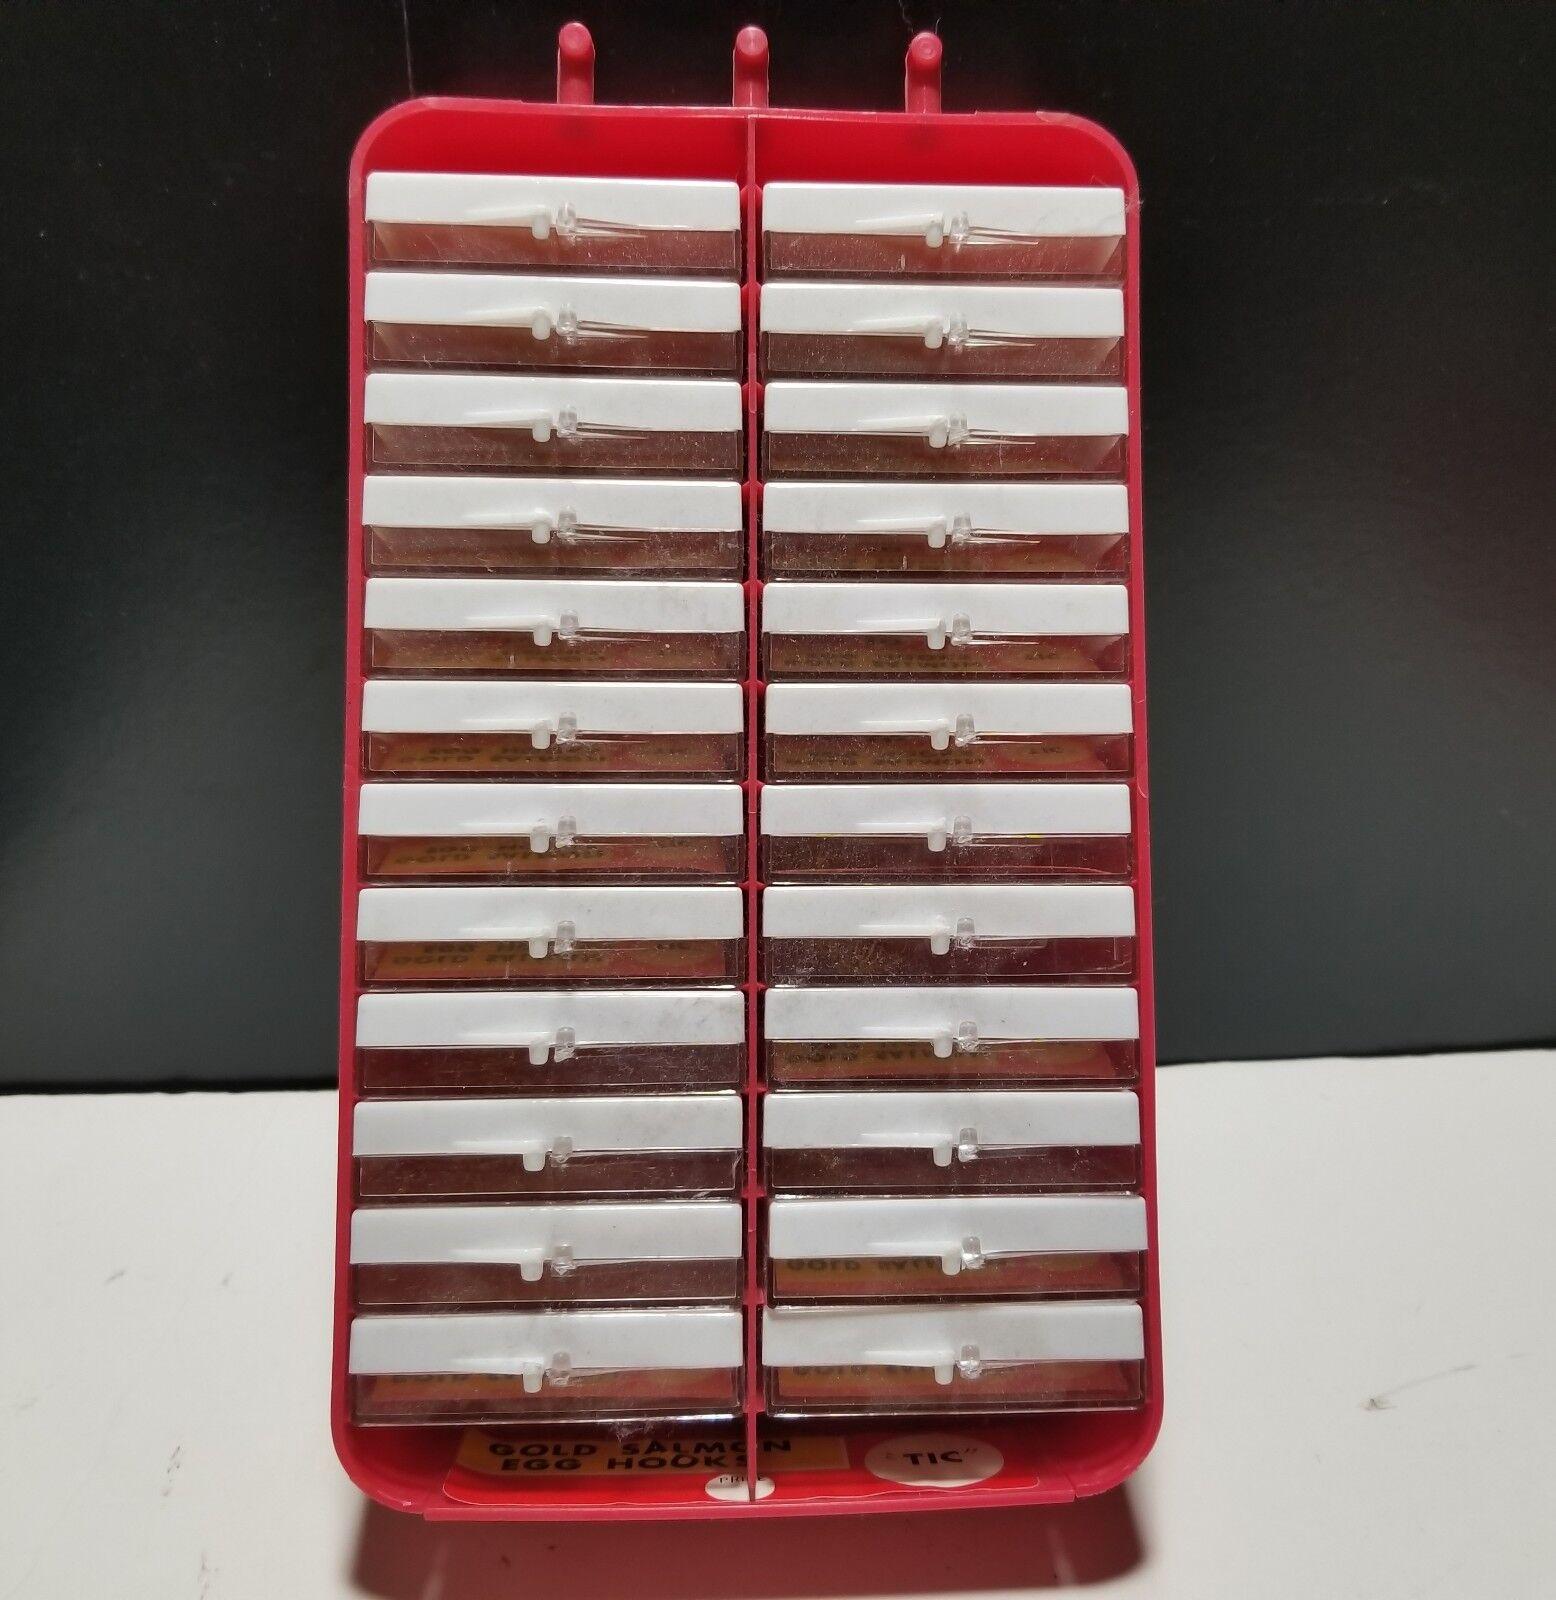 TIC Gold Salmon Egg Hooks Größe Größe Größe 10 JAPAN 24 pks x 10 Hooks Plastic Cases Vtg NOS c78434